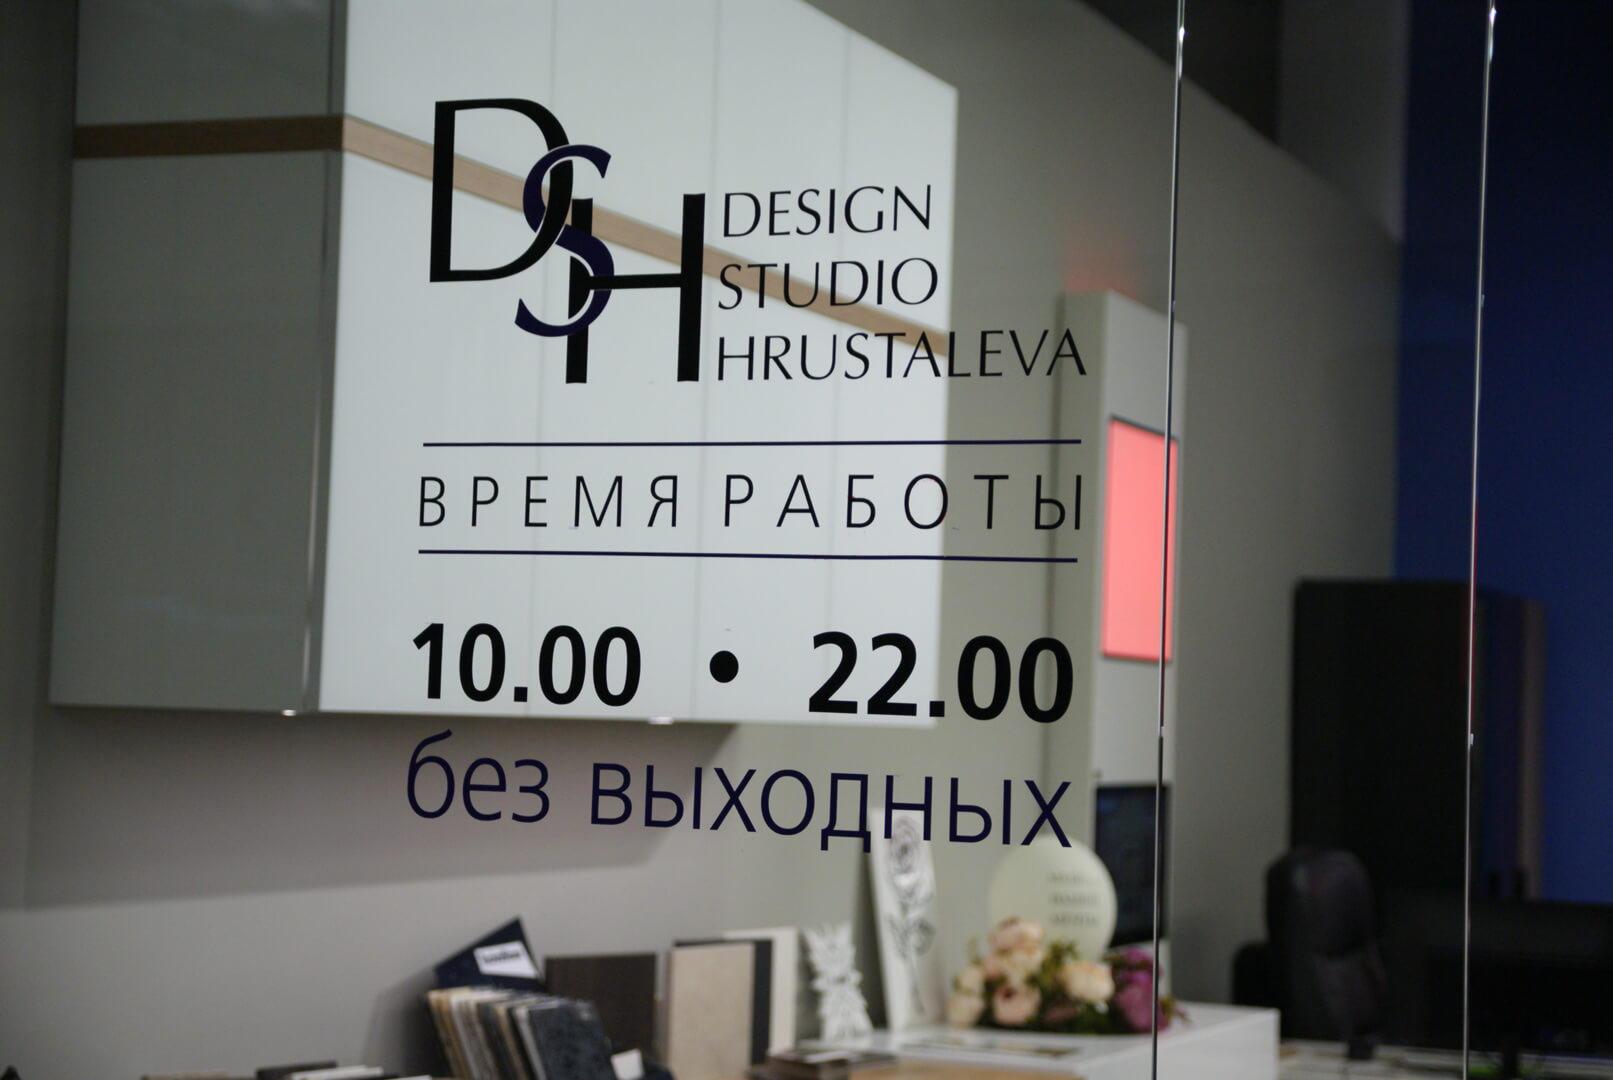 iskusstvennyy_kamenj,_kuhni_-_dizayn_studiya_hrustaleva_0002